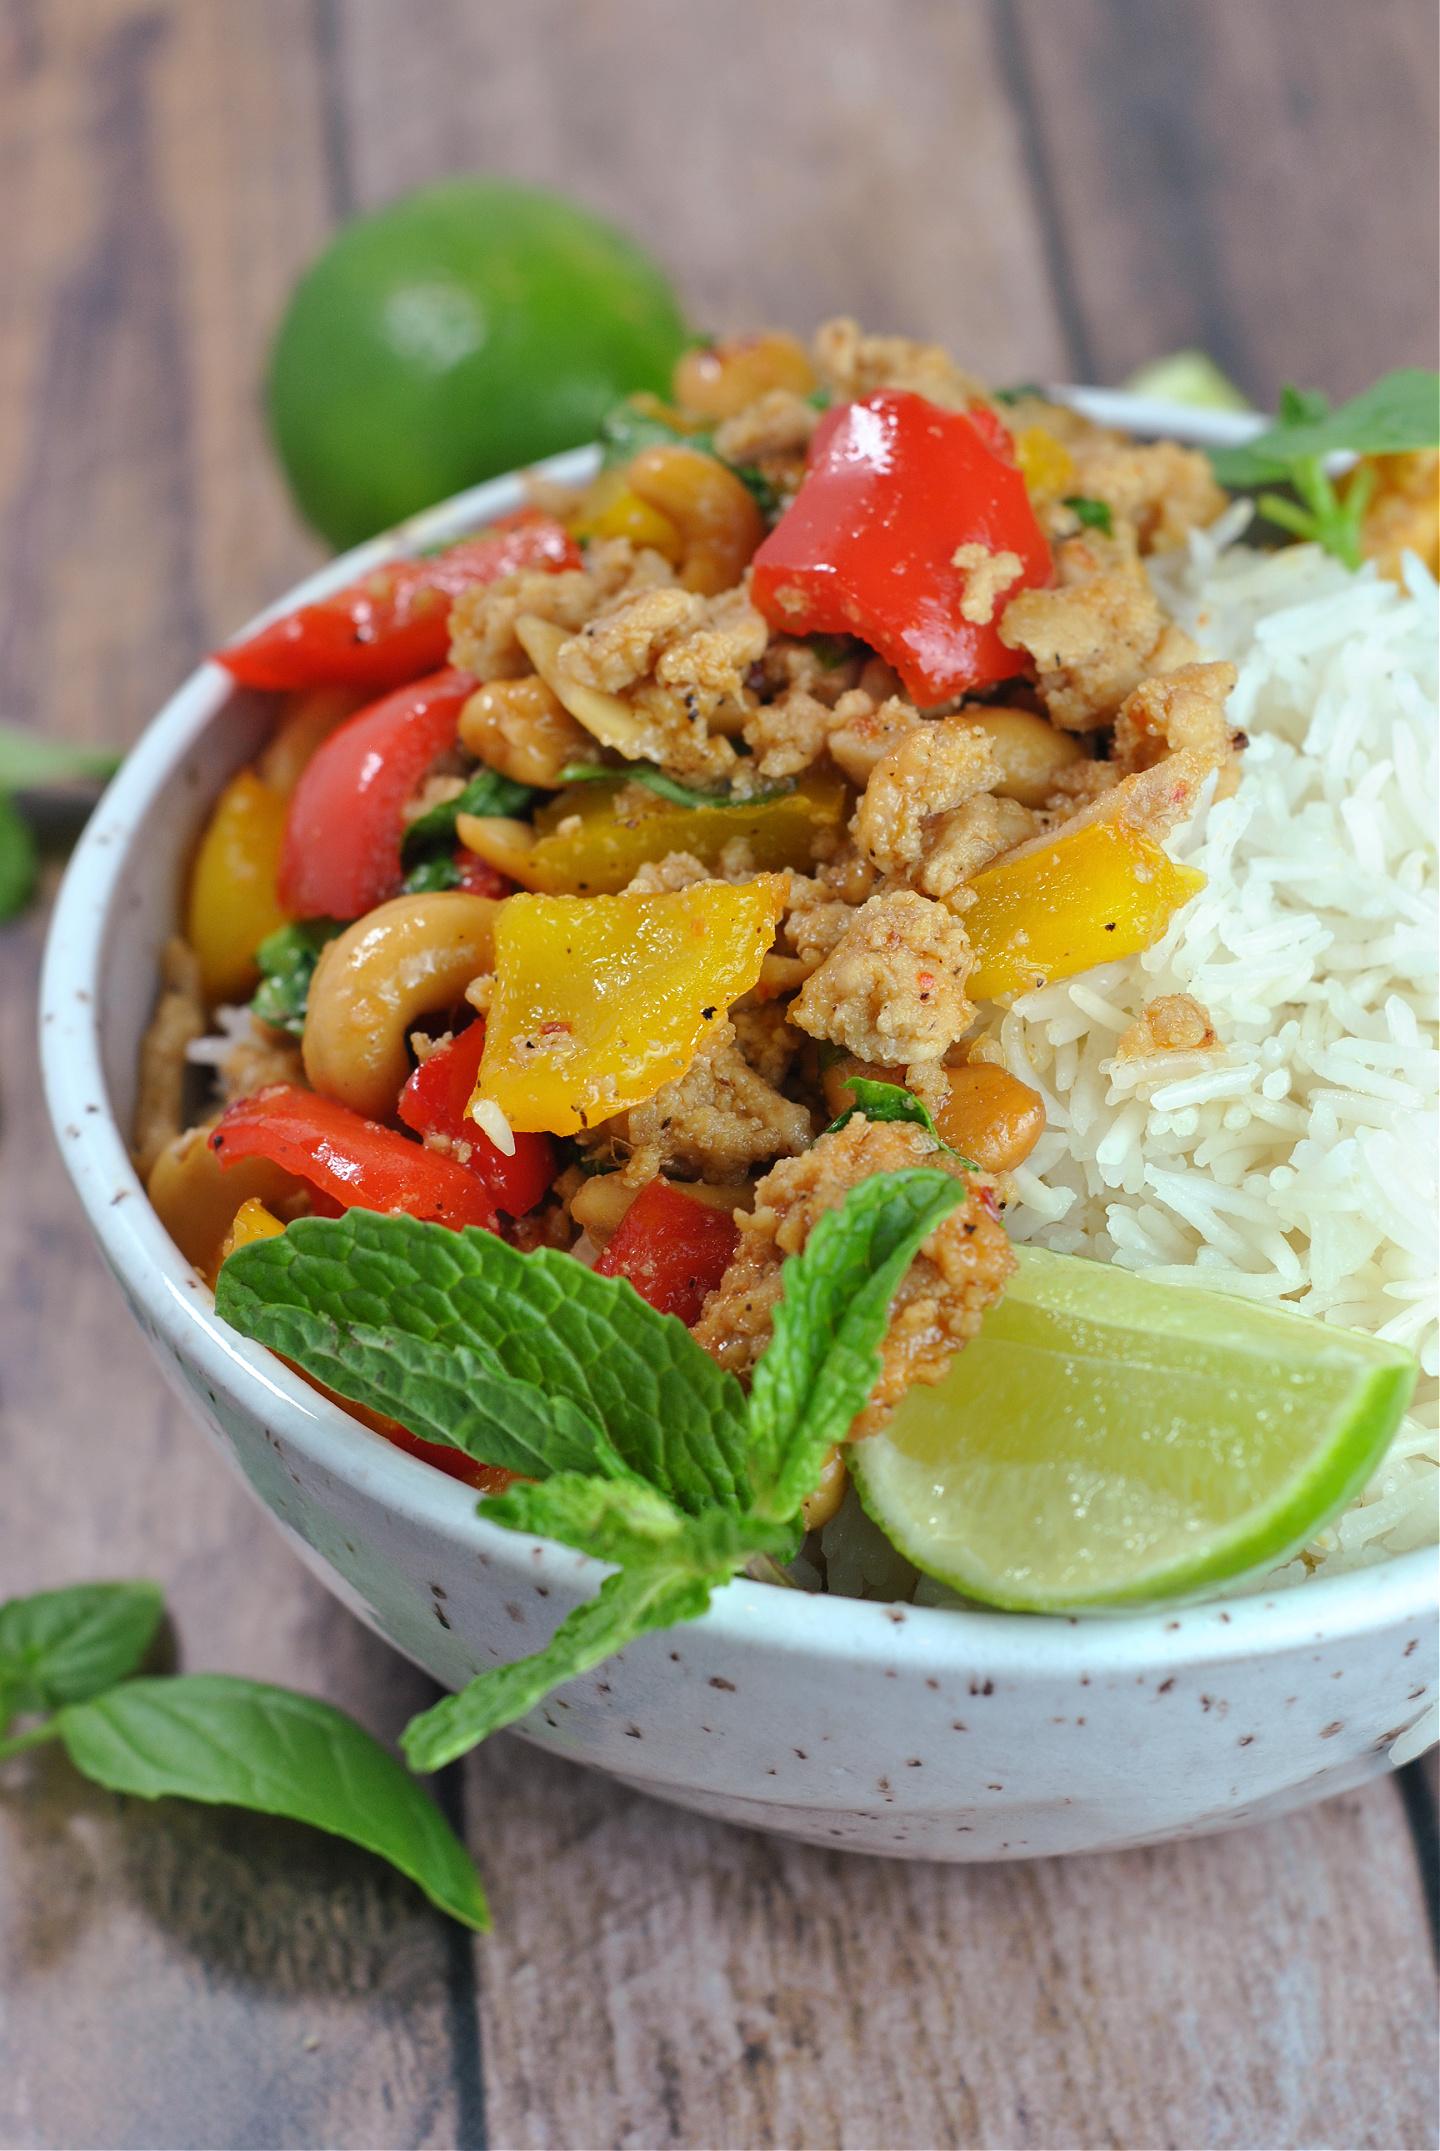 Better Than Takeout Sweet Thai Basil Chicken via @preventionrd